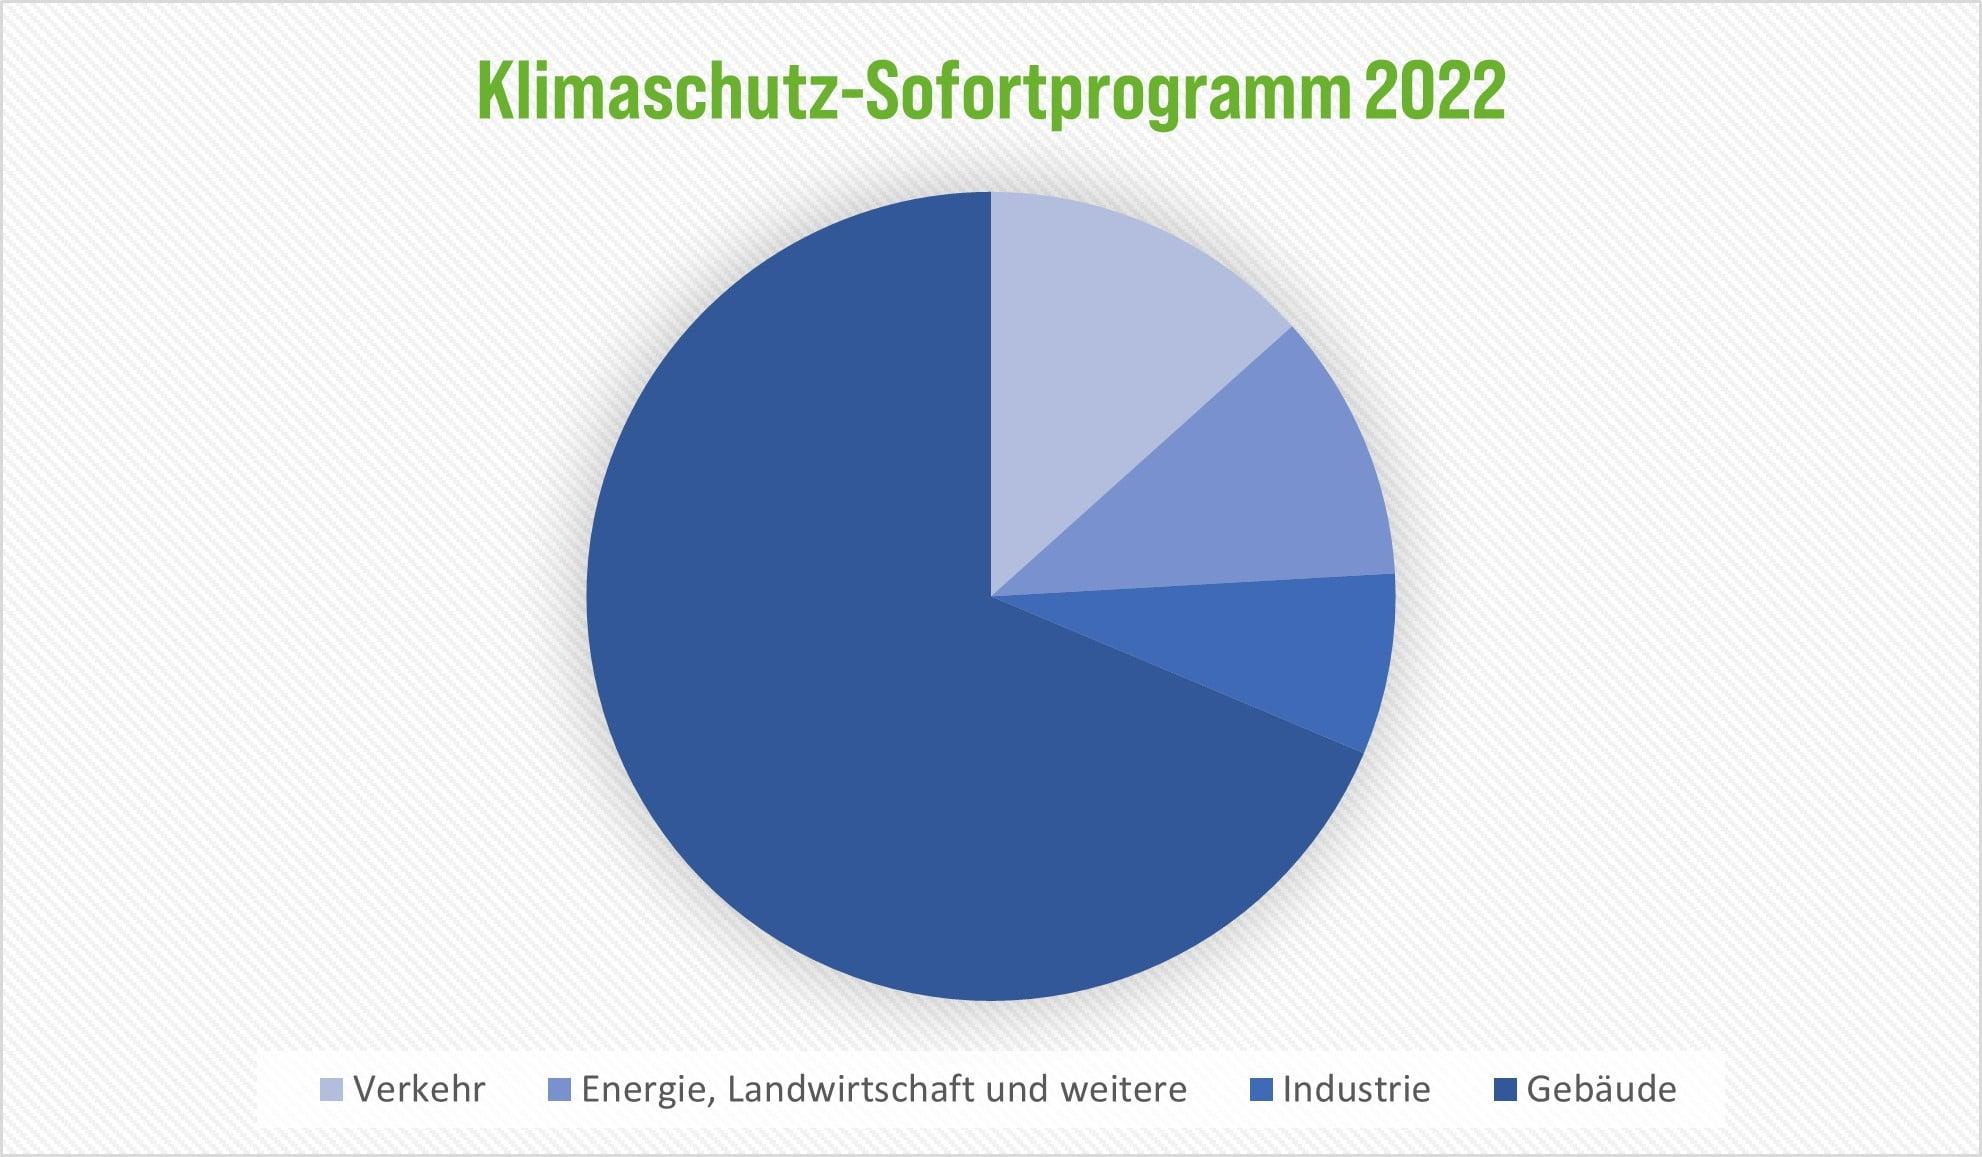 Klimaschutz-Sofortprogramm 2022 wurde verabschiedet